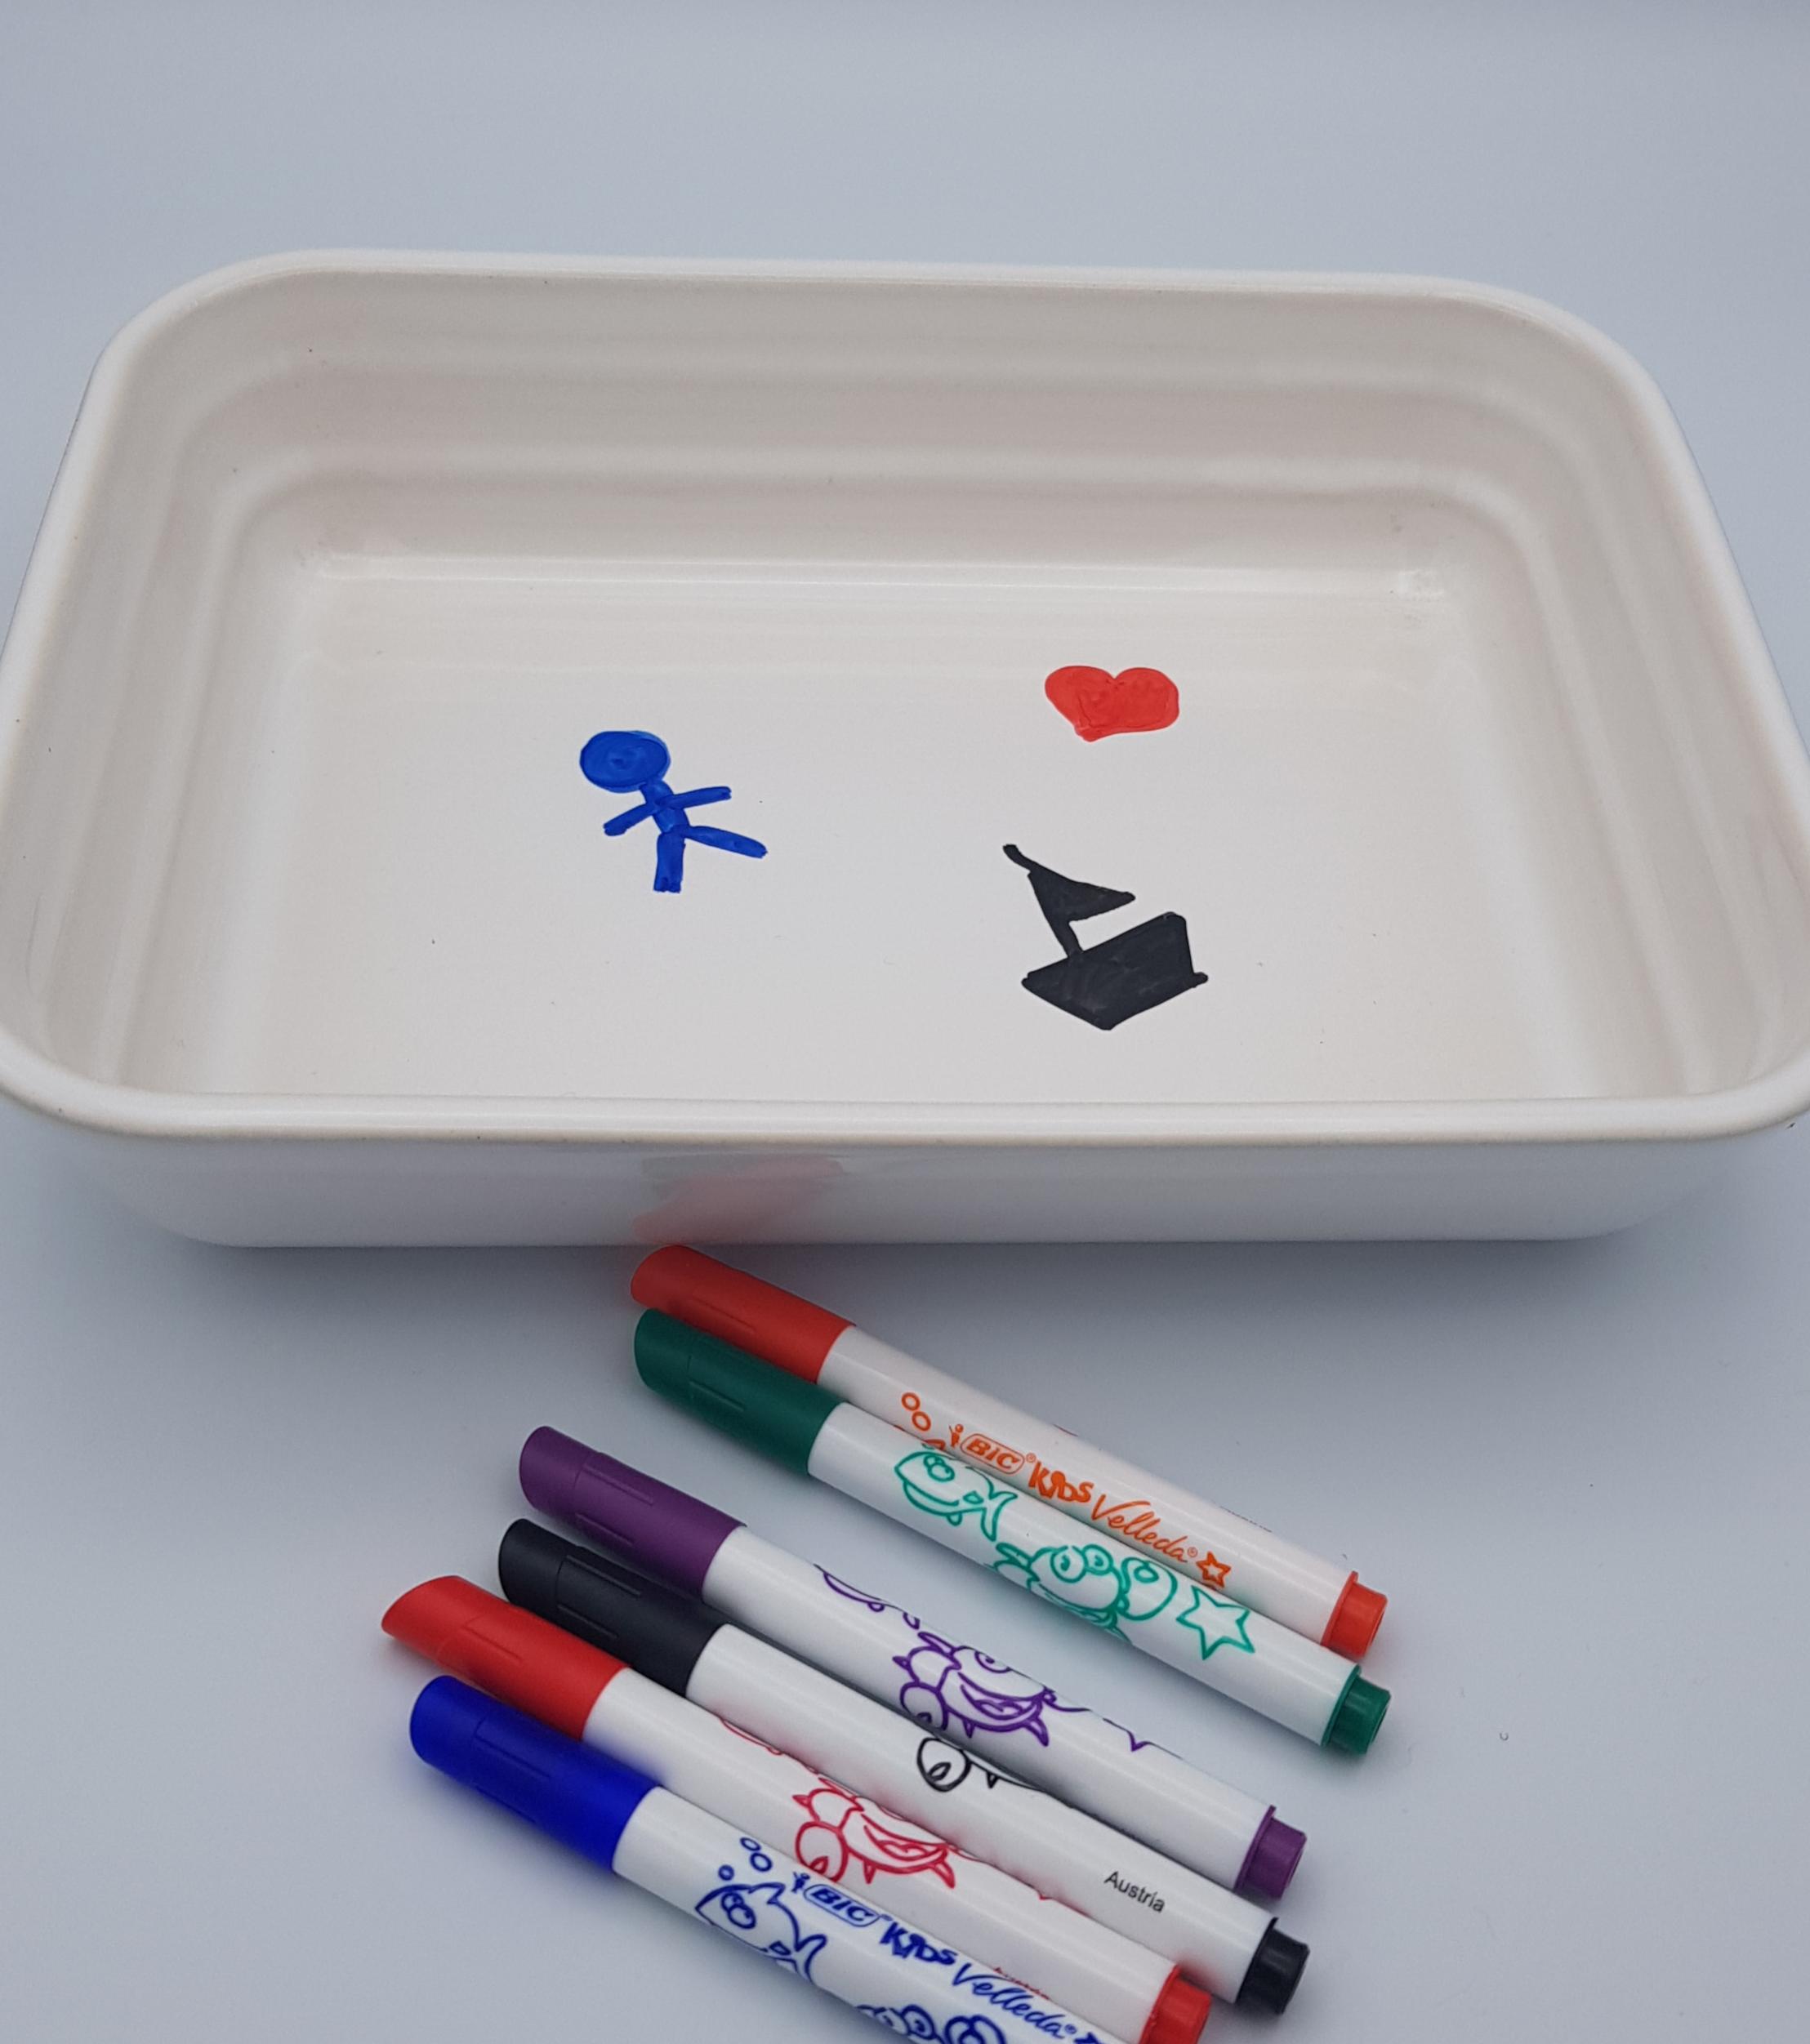 dessine avec un indélébile dans un plat